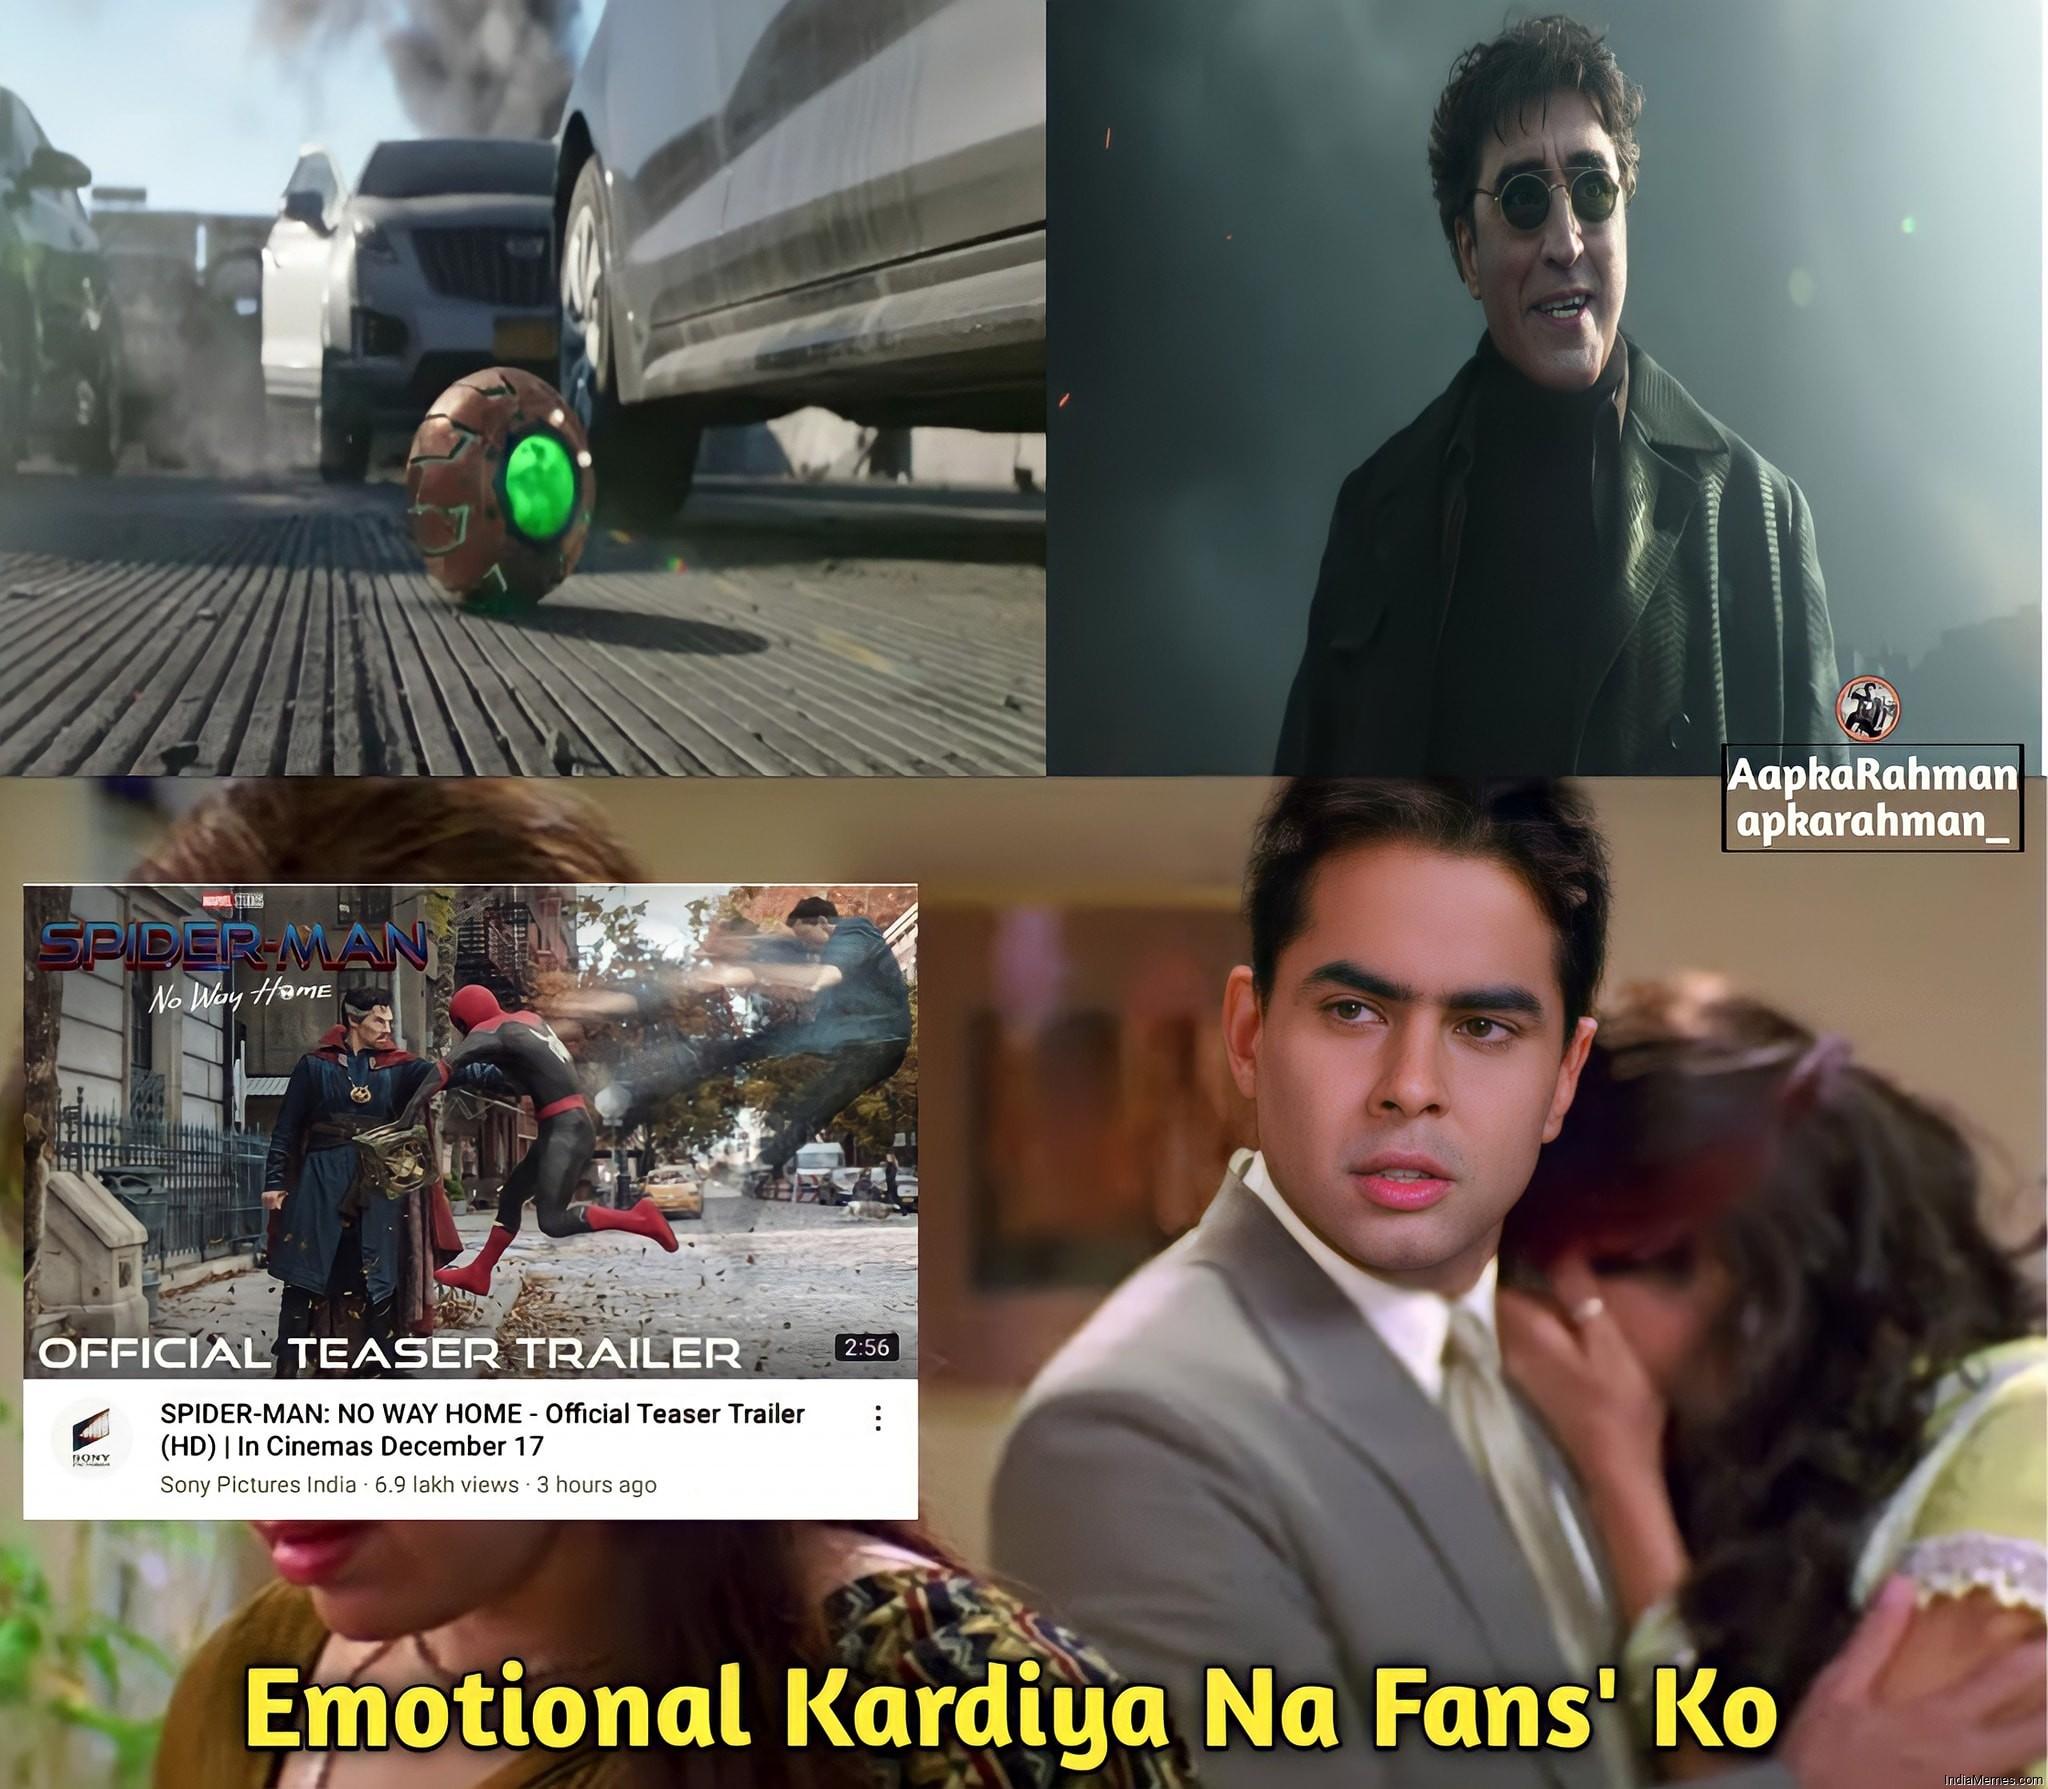 Emotional kar diya na fans ko meme.jpg